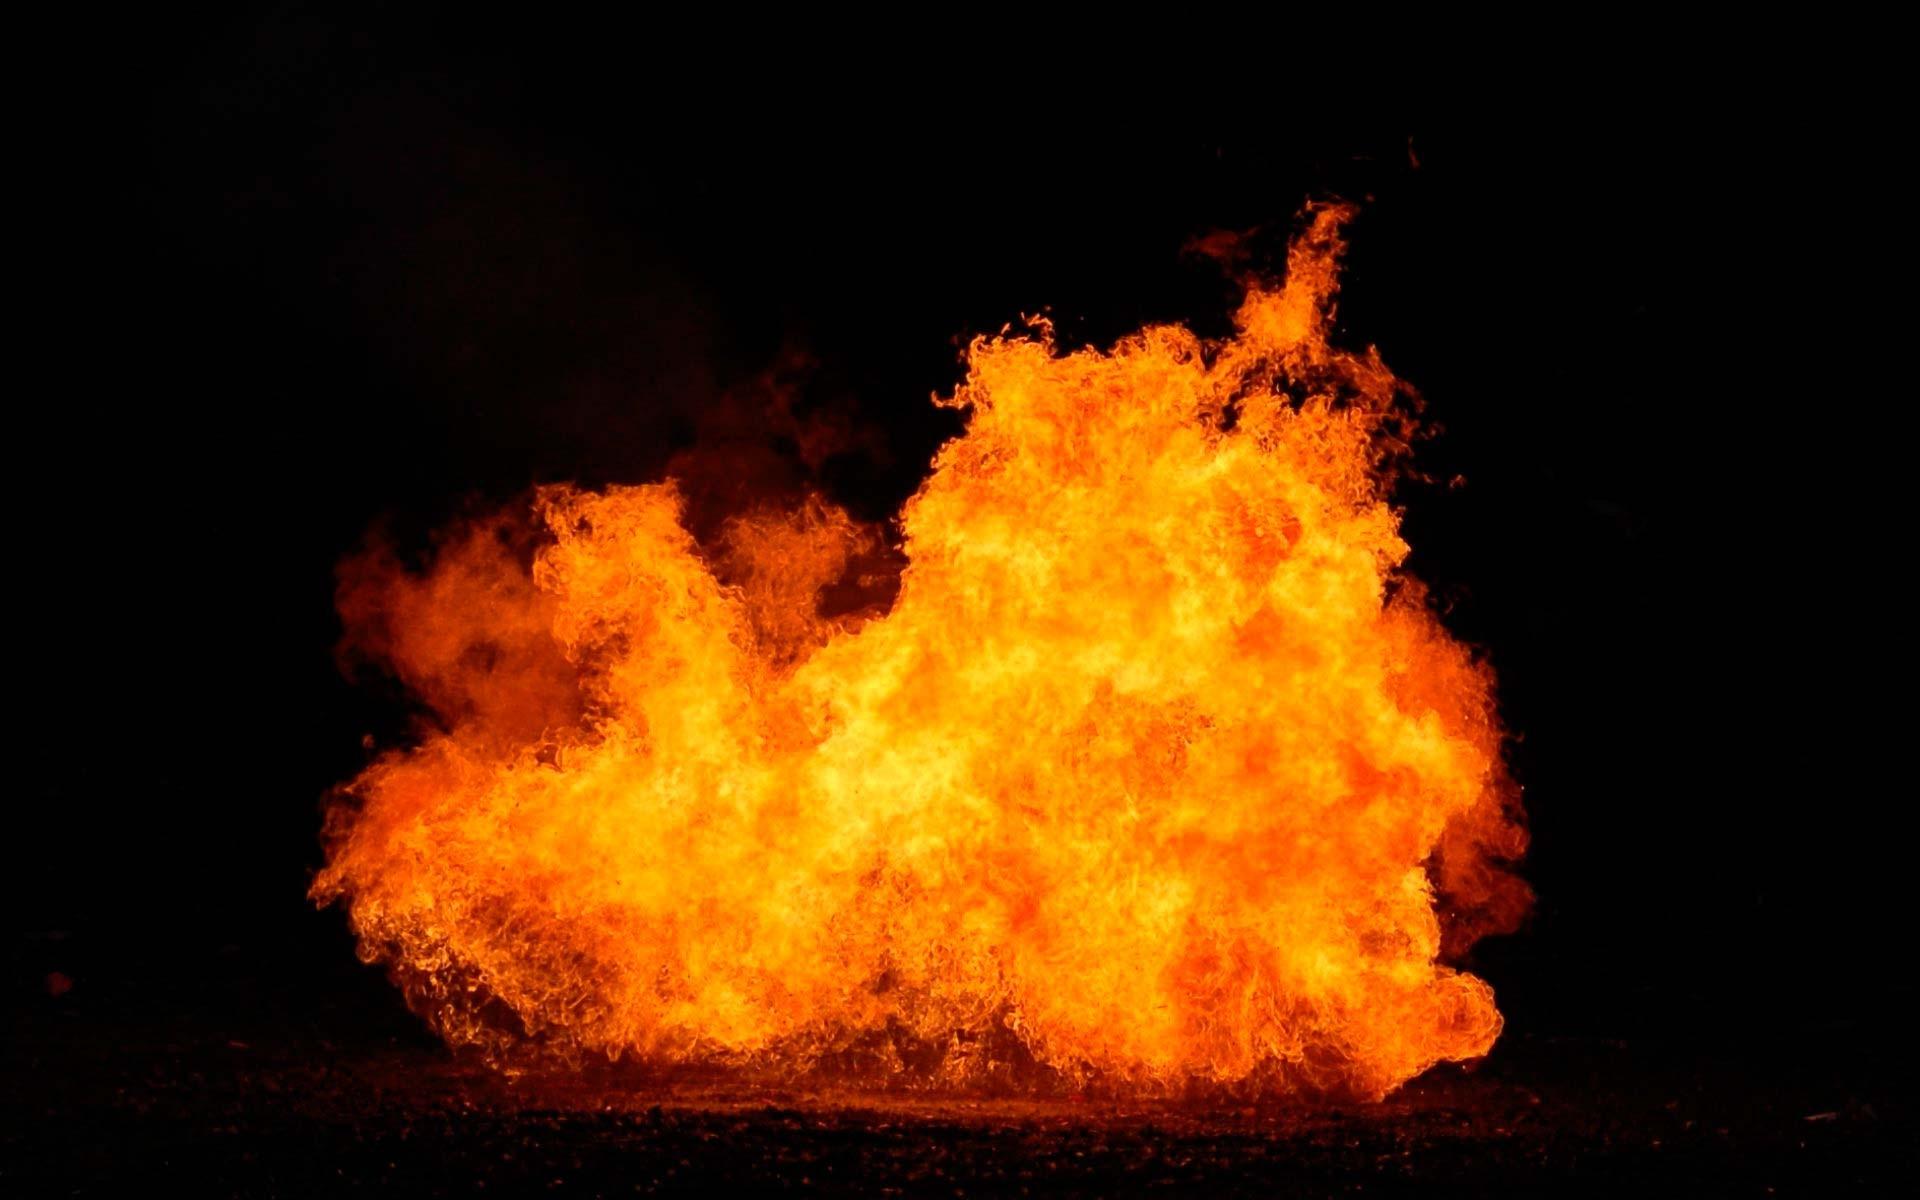 Взрыв намашиностроительном заводе вЧехии: пострадали 19 человек